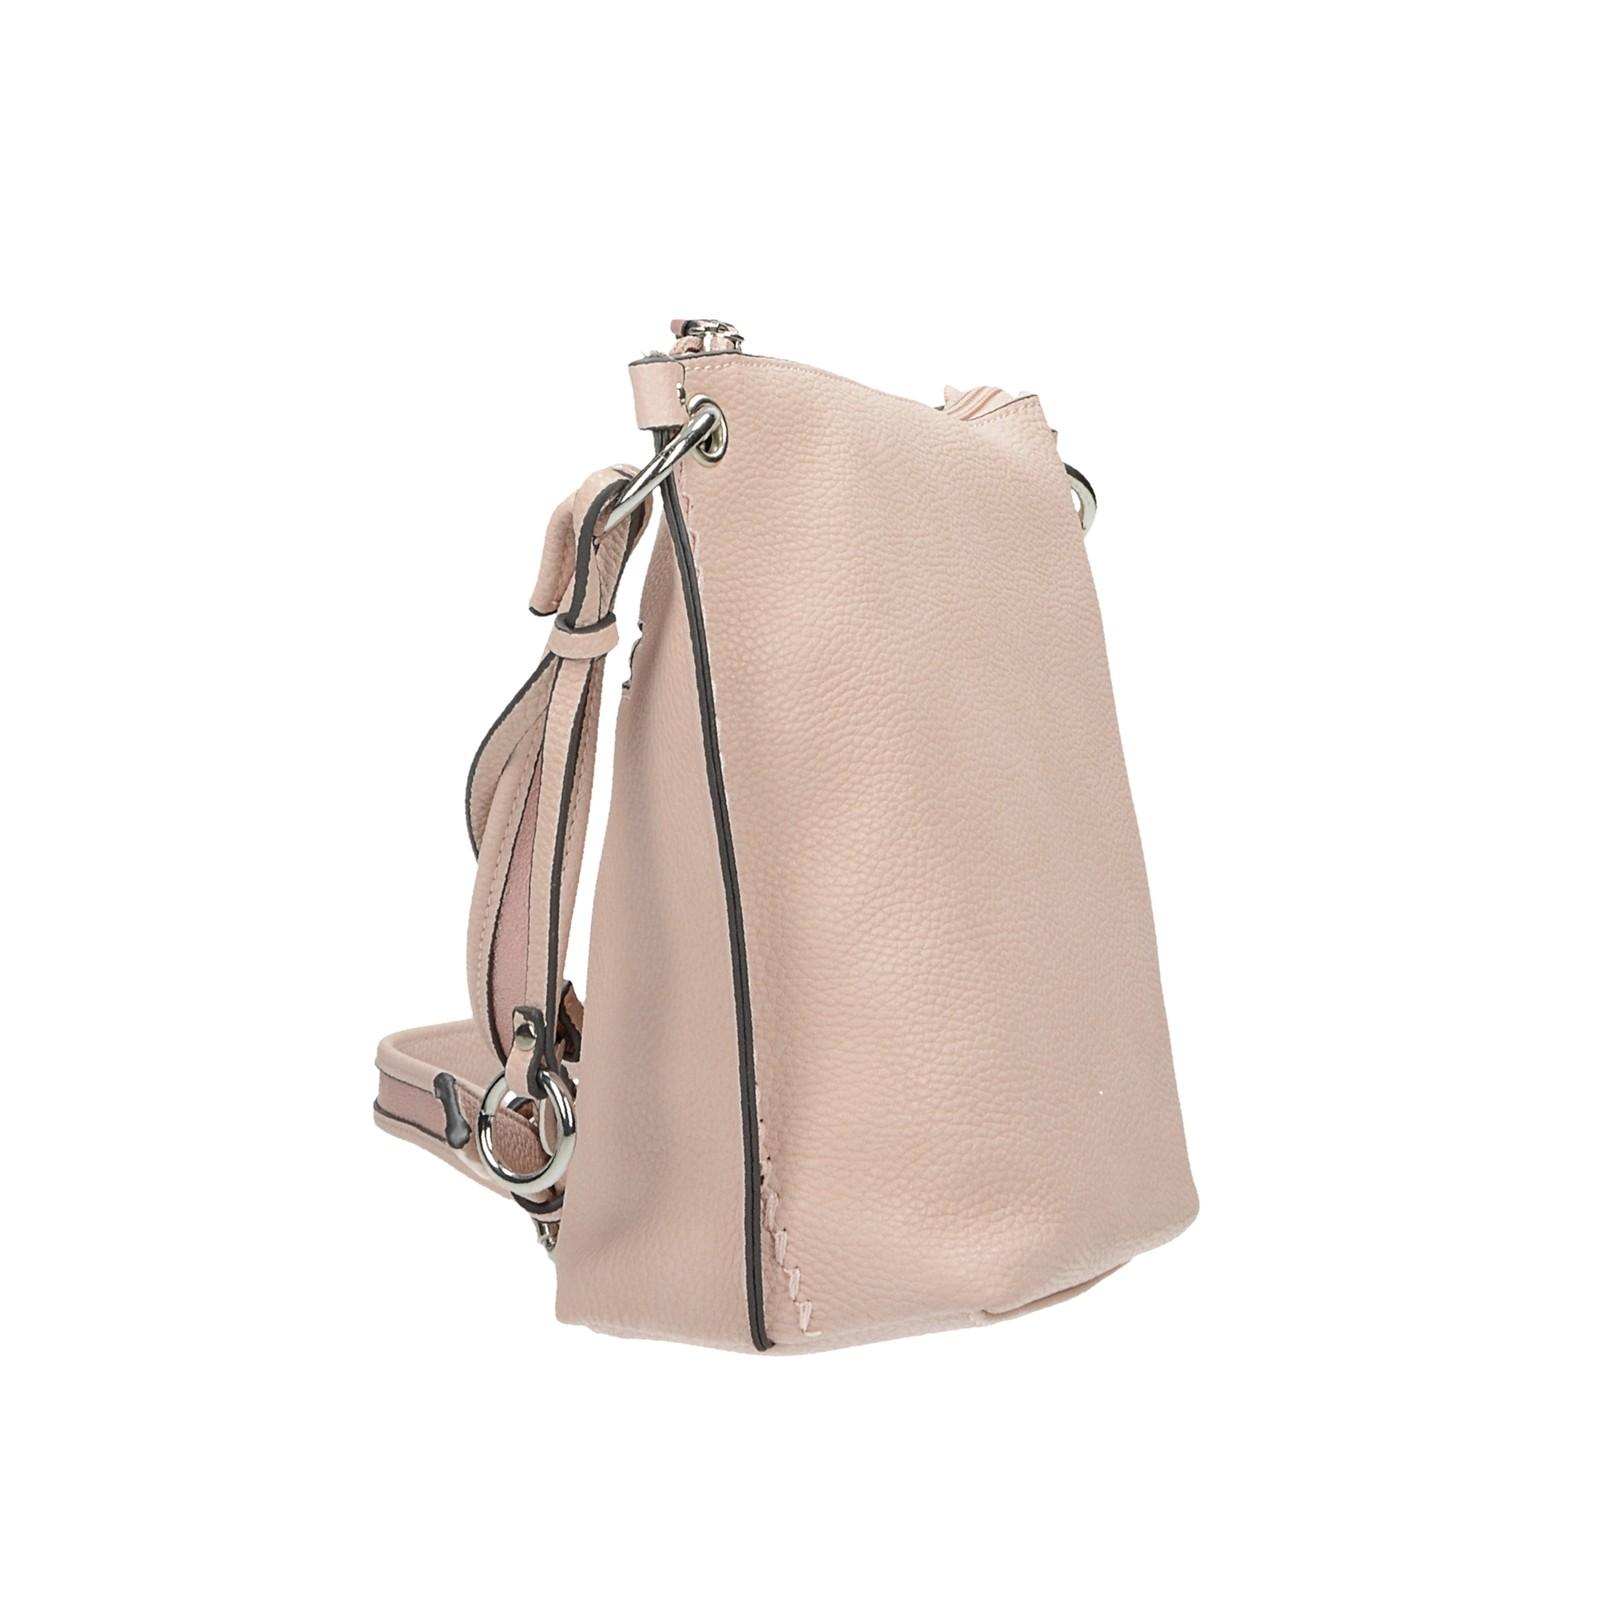 Gabor dámska praktická crossbody kabelka - ružová